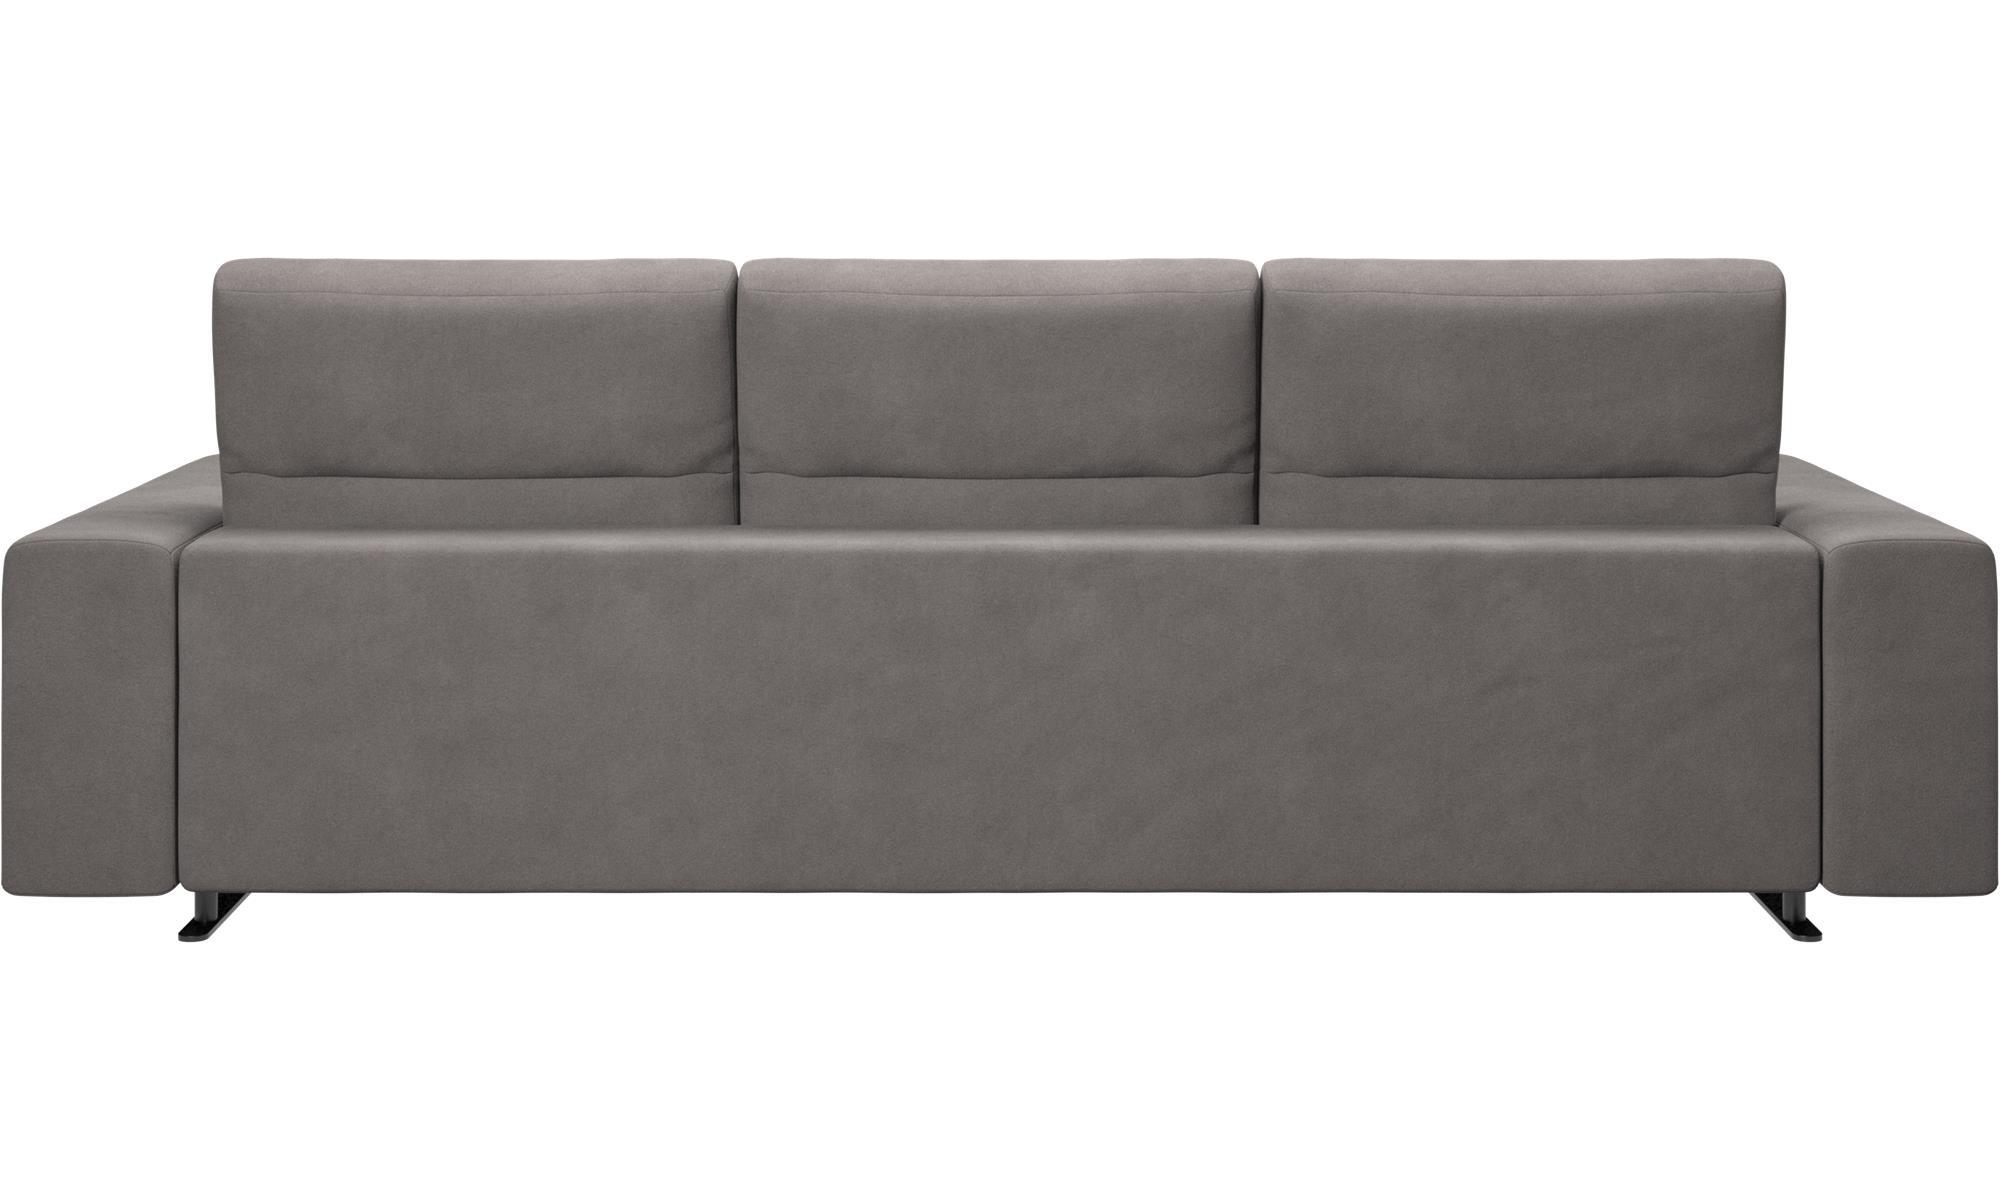 Wundervoll Sofa Mit Verstellbarer Rückenlehne Dekoration Von 3-sitzer Sofas - Hampton Rückenlehne - Grau